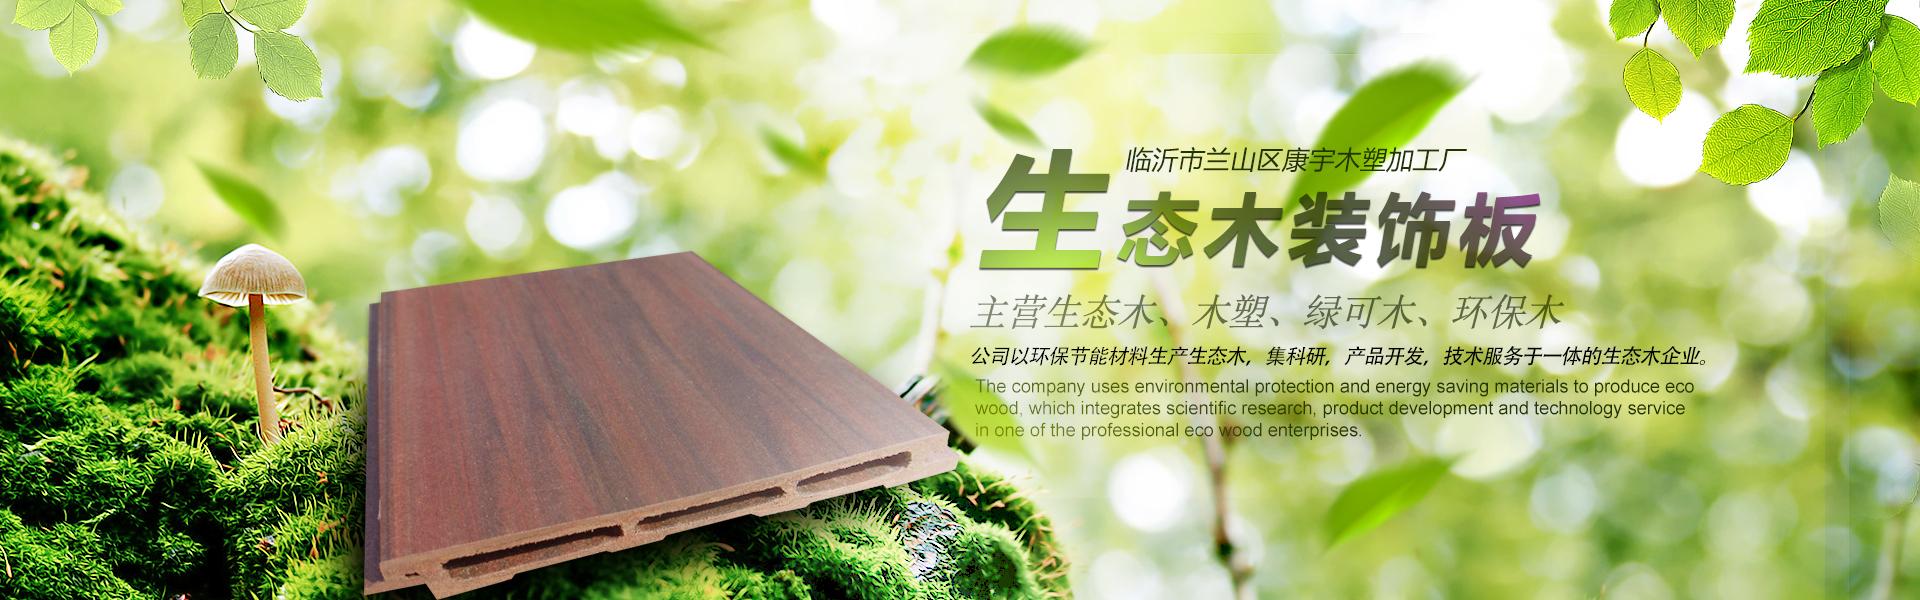 山东生态木,临沂生态木厂家,生态木长城板,生态木吊顶厂家